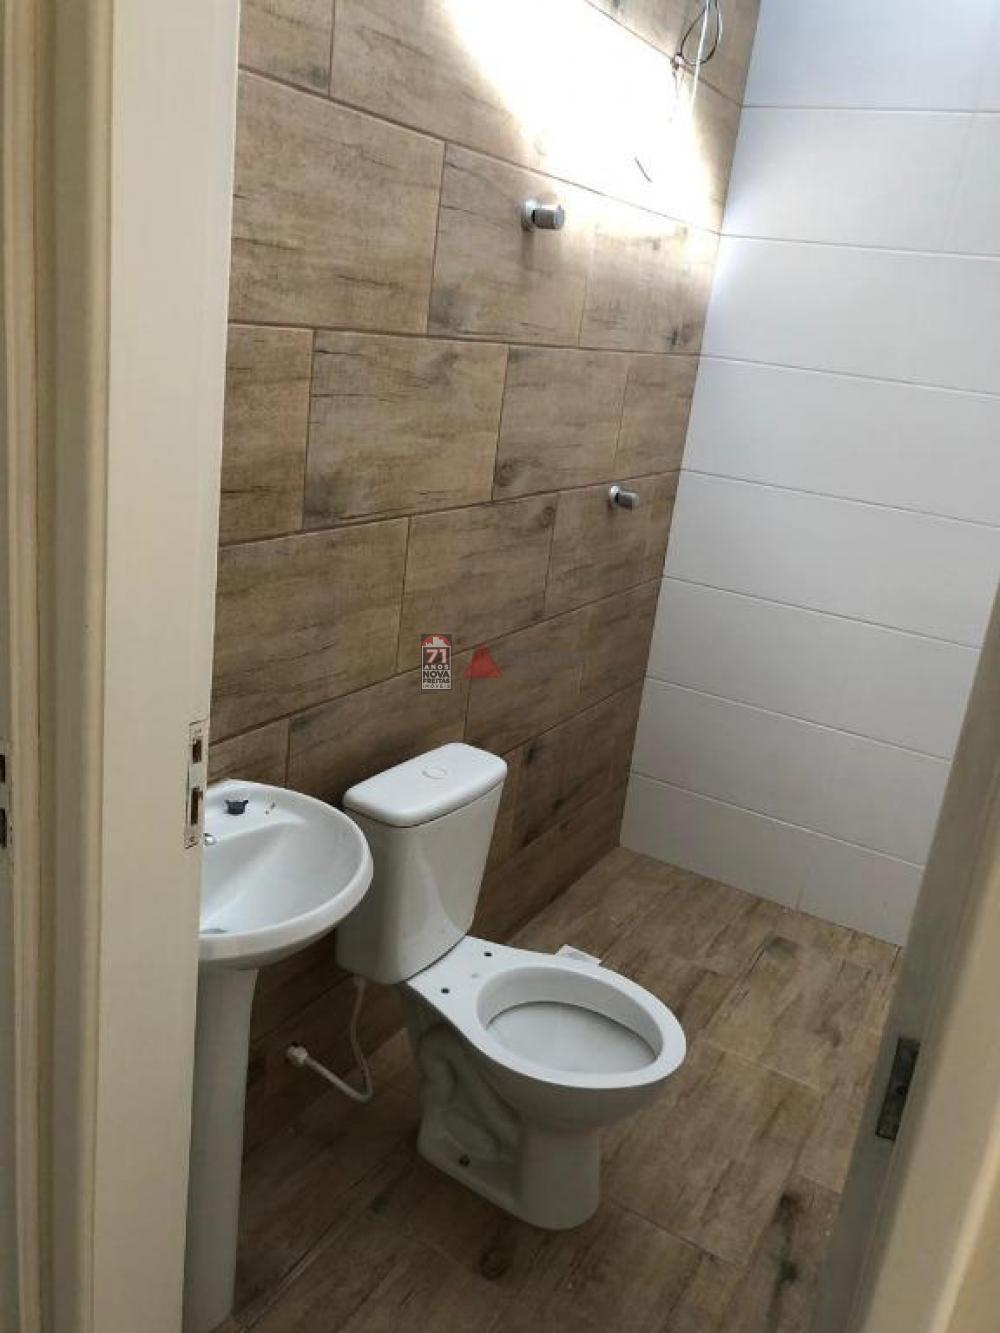 Comprar Casa / Sobrado em Condomínio em Caraguatatuba apenas R$ 259.000,00 - Foto 14